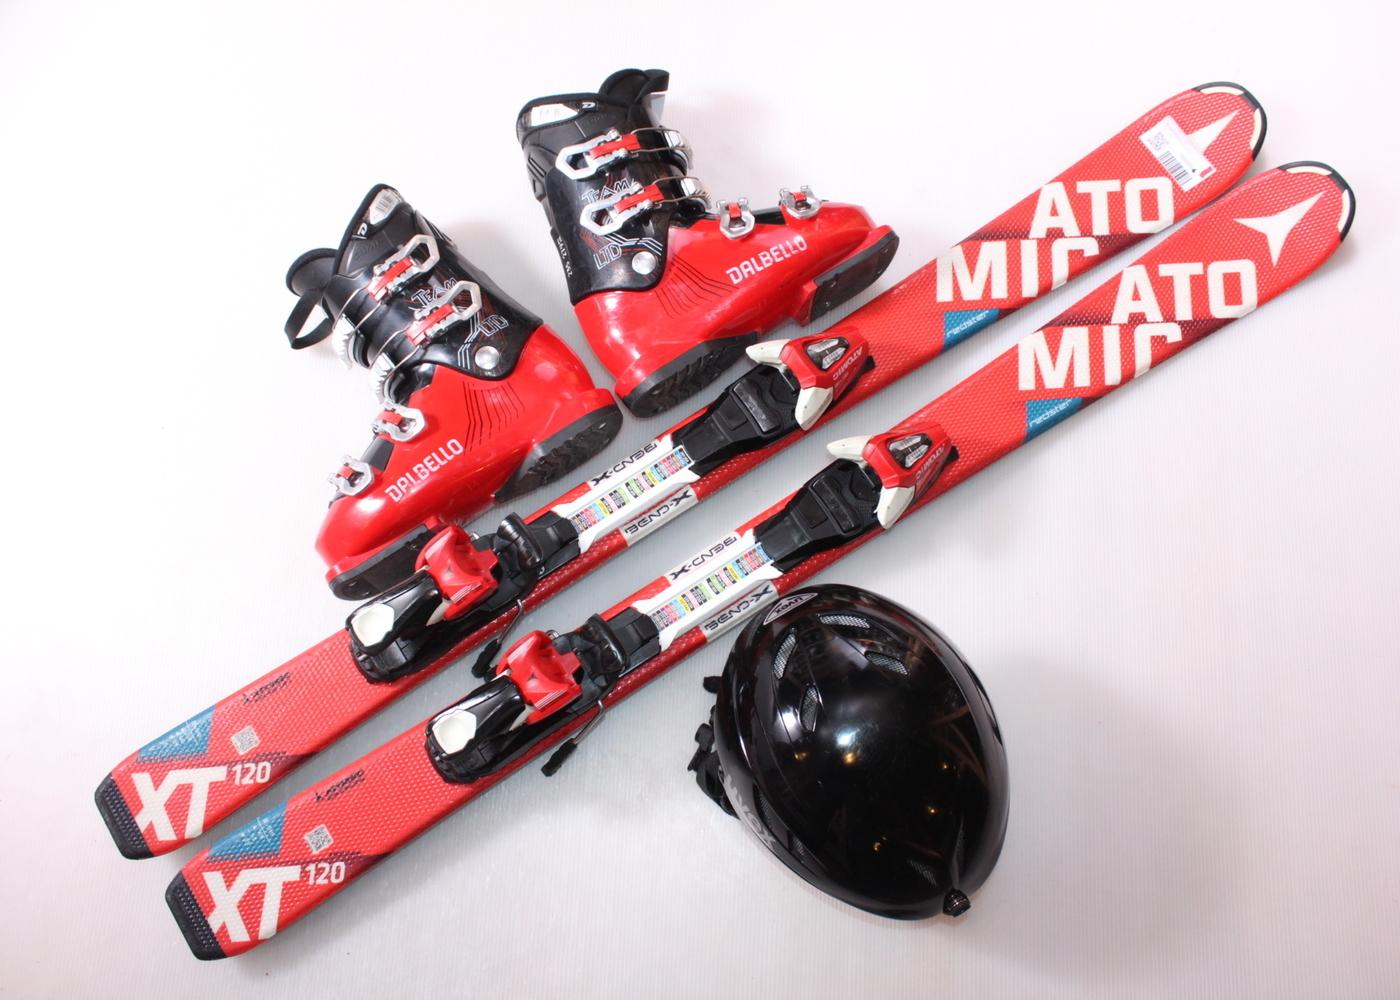 Dětské lyže ATOMIC REDSTER XT 120 cm + lyžáky  37EU + helma